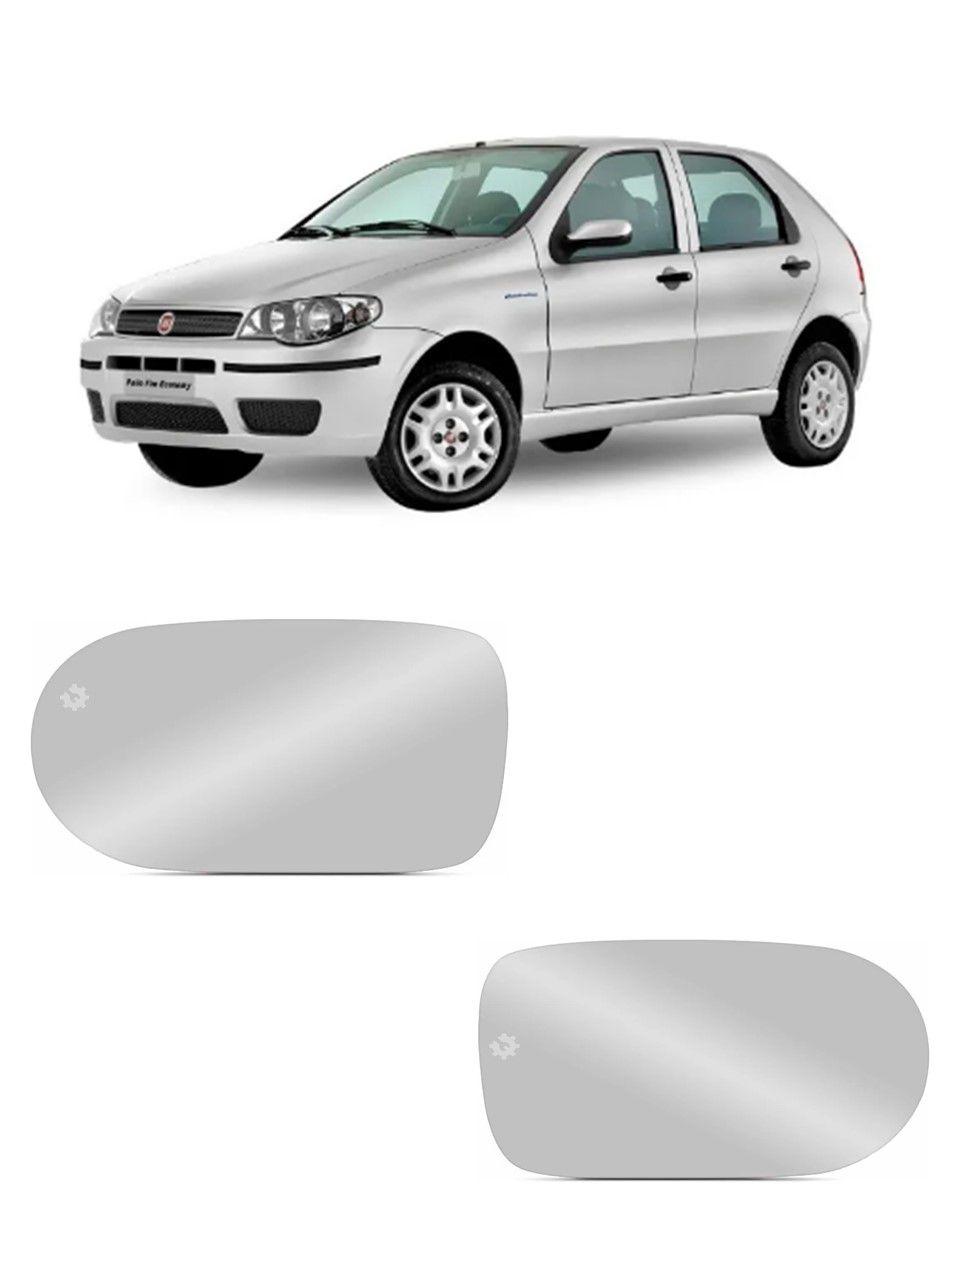 Par Lente base vidro Retrovisor Fiat Palio 2004 2005 2010